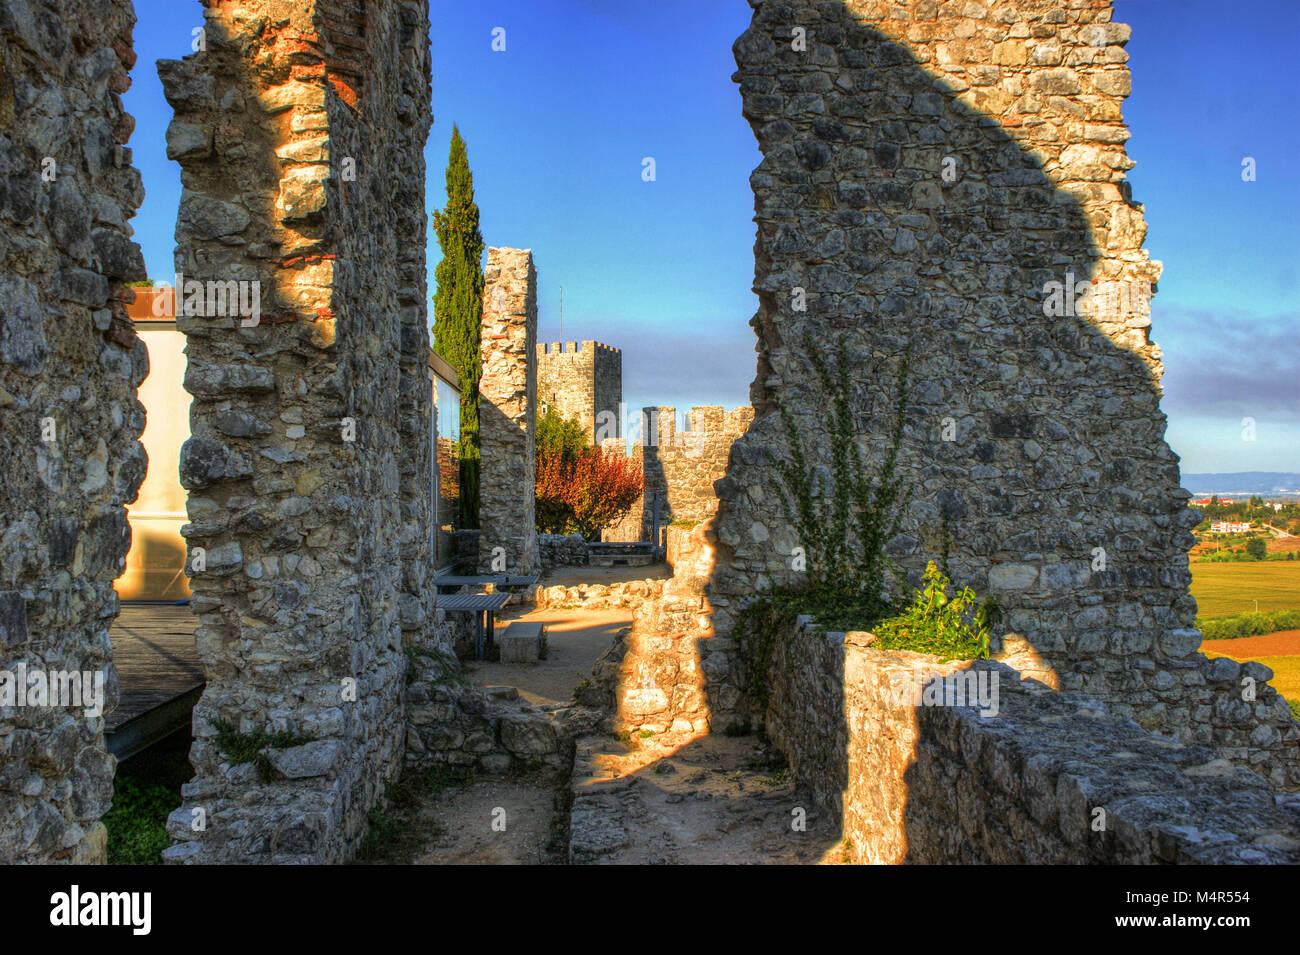 Ruined castle of Montemor-o-Velho, Portugal/ - Stock Image